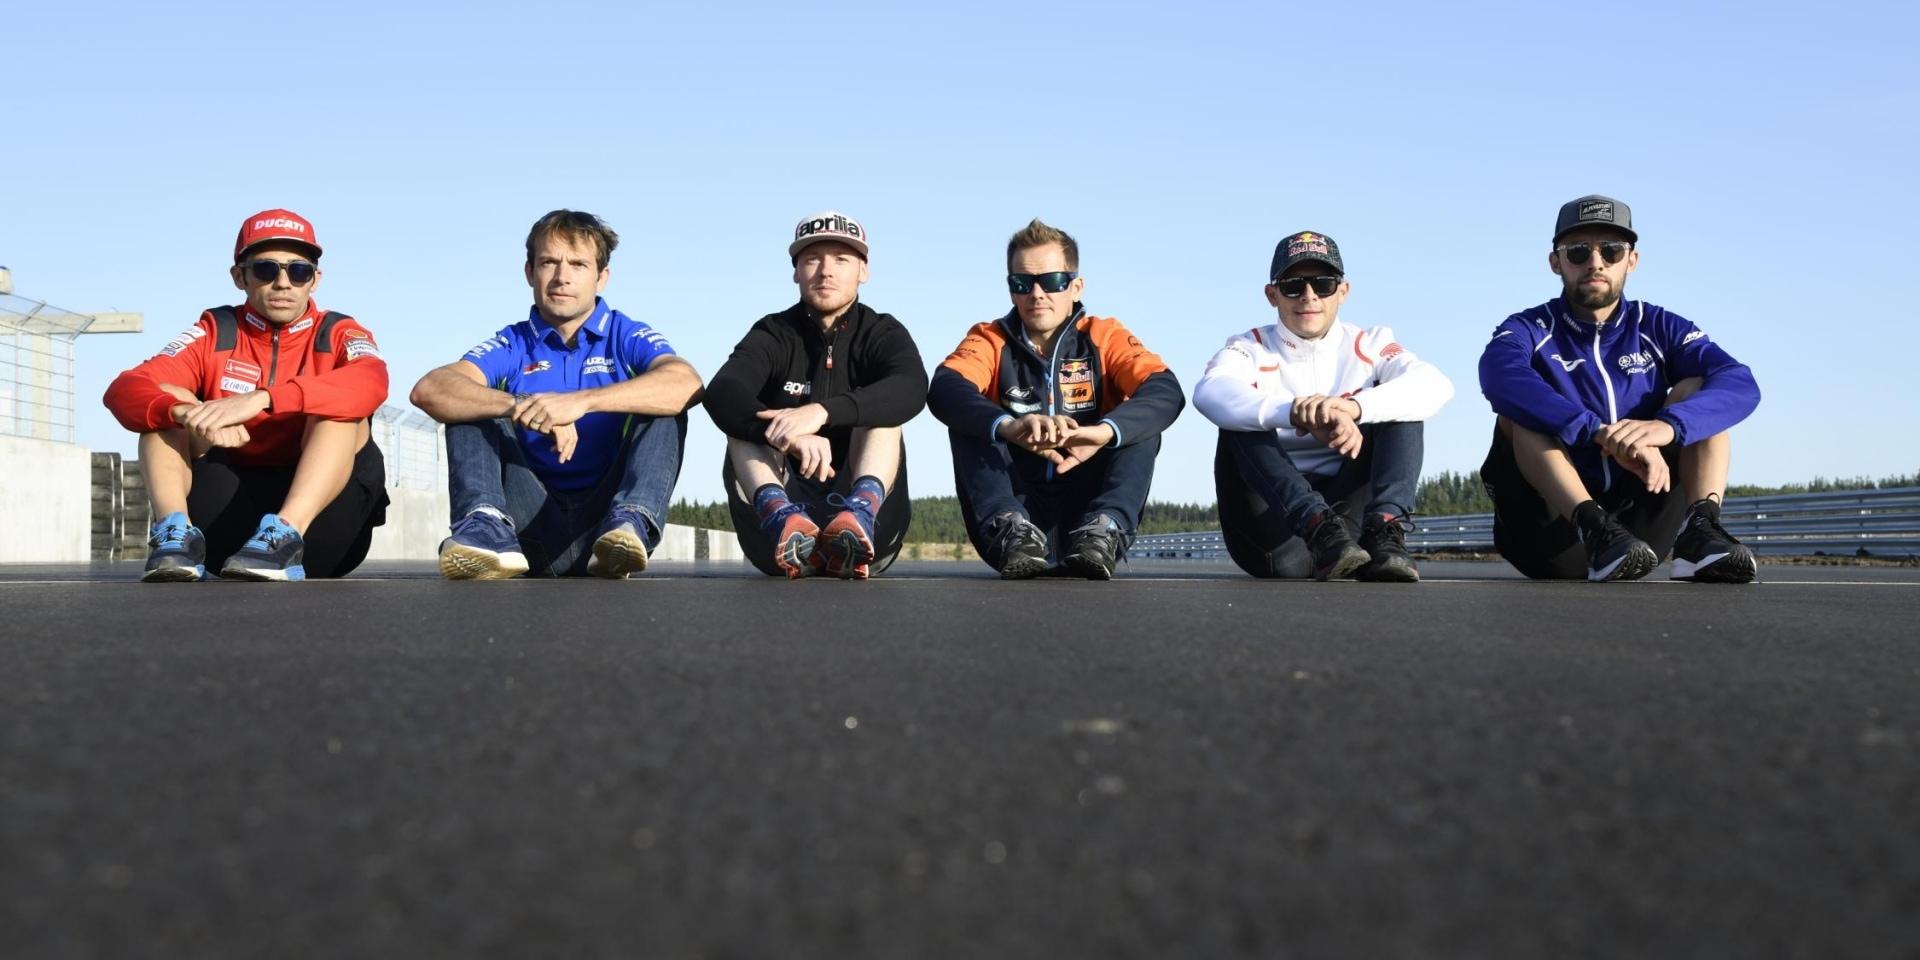 北歐賽道搶先跑!MotoGP在KymiRing進行新賽道官方測試